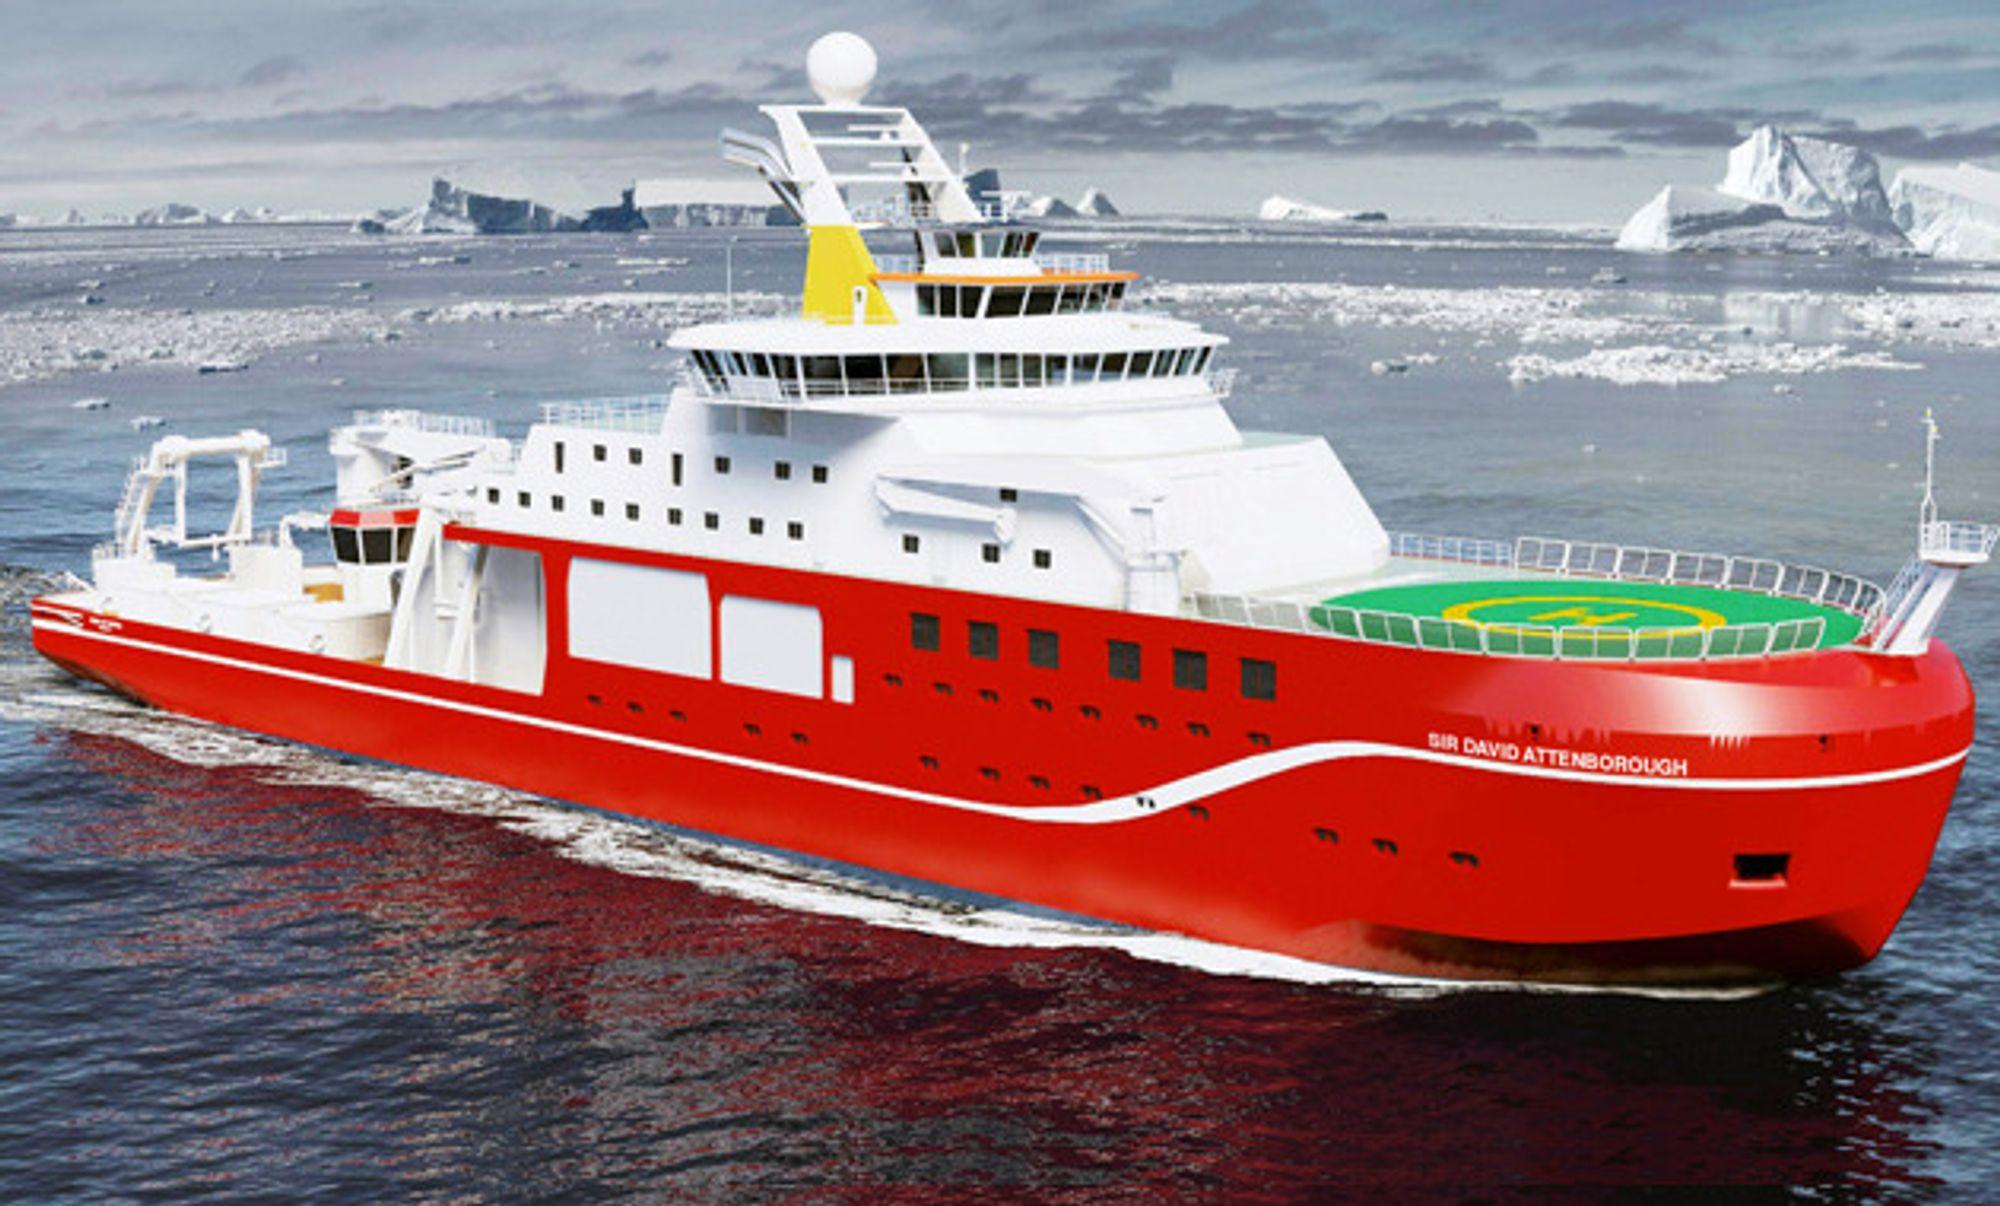 """Polarforskningsskipet får ikke det folkelige navnet Boaty McBoatface, som """"folket"""" via sosiale medier har stemt fram. I stedet hedres den nå 90 år gamle BBC-journalisten Sir David Attenbororugh ved å døpe skipet med hans navn."""